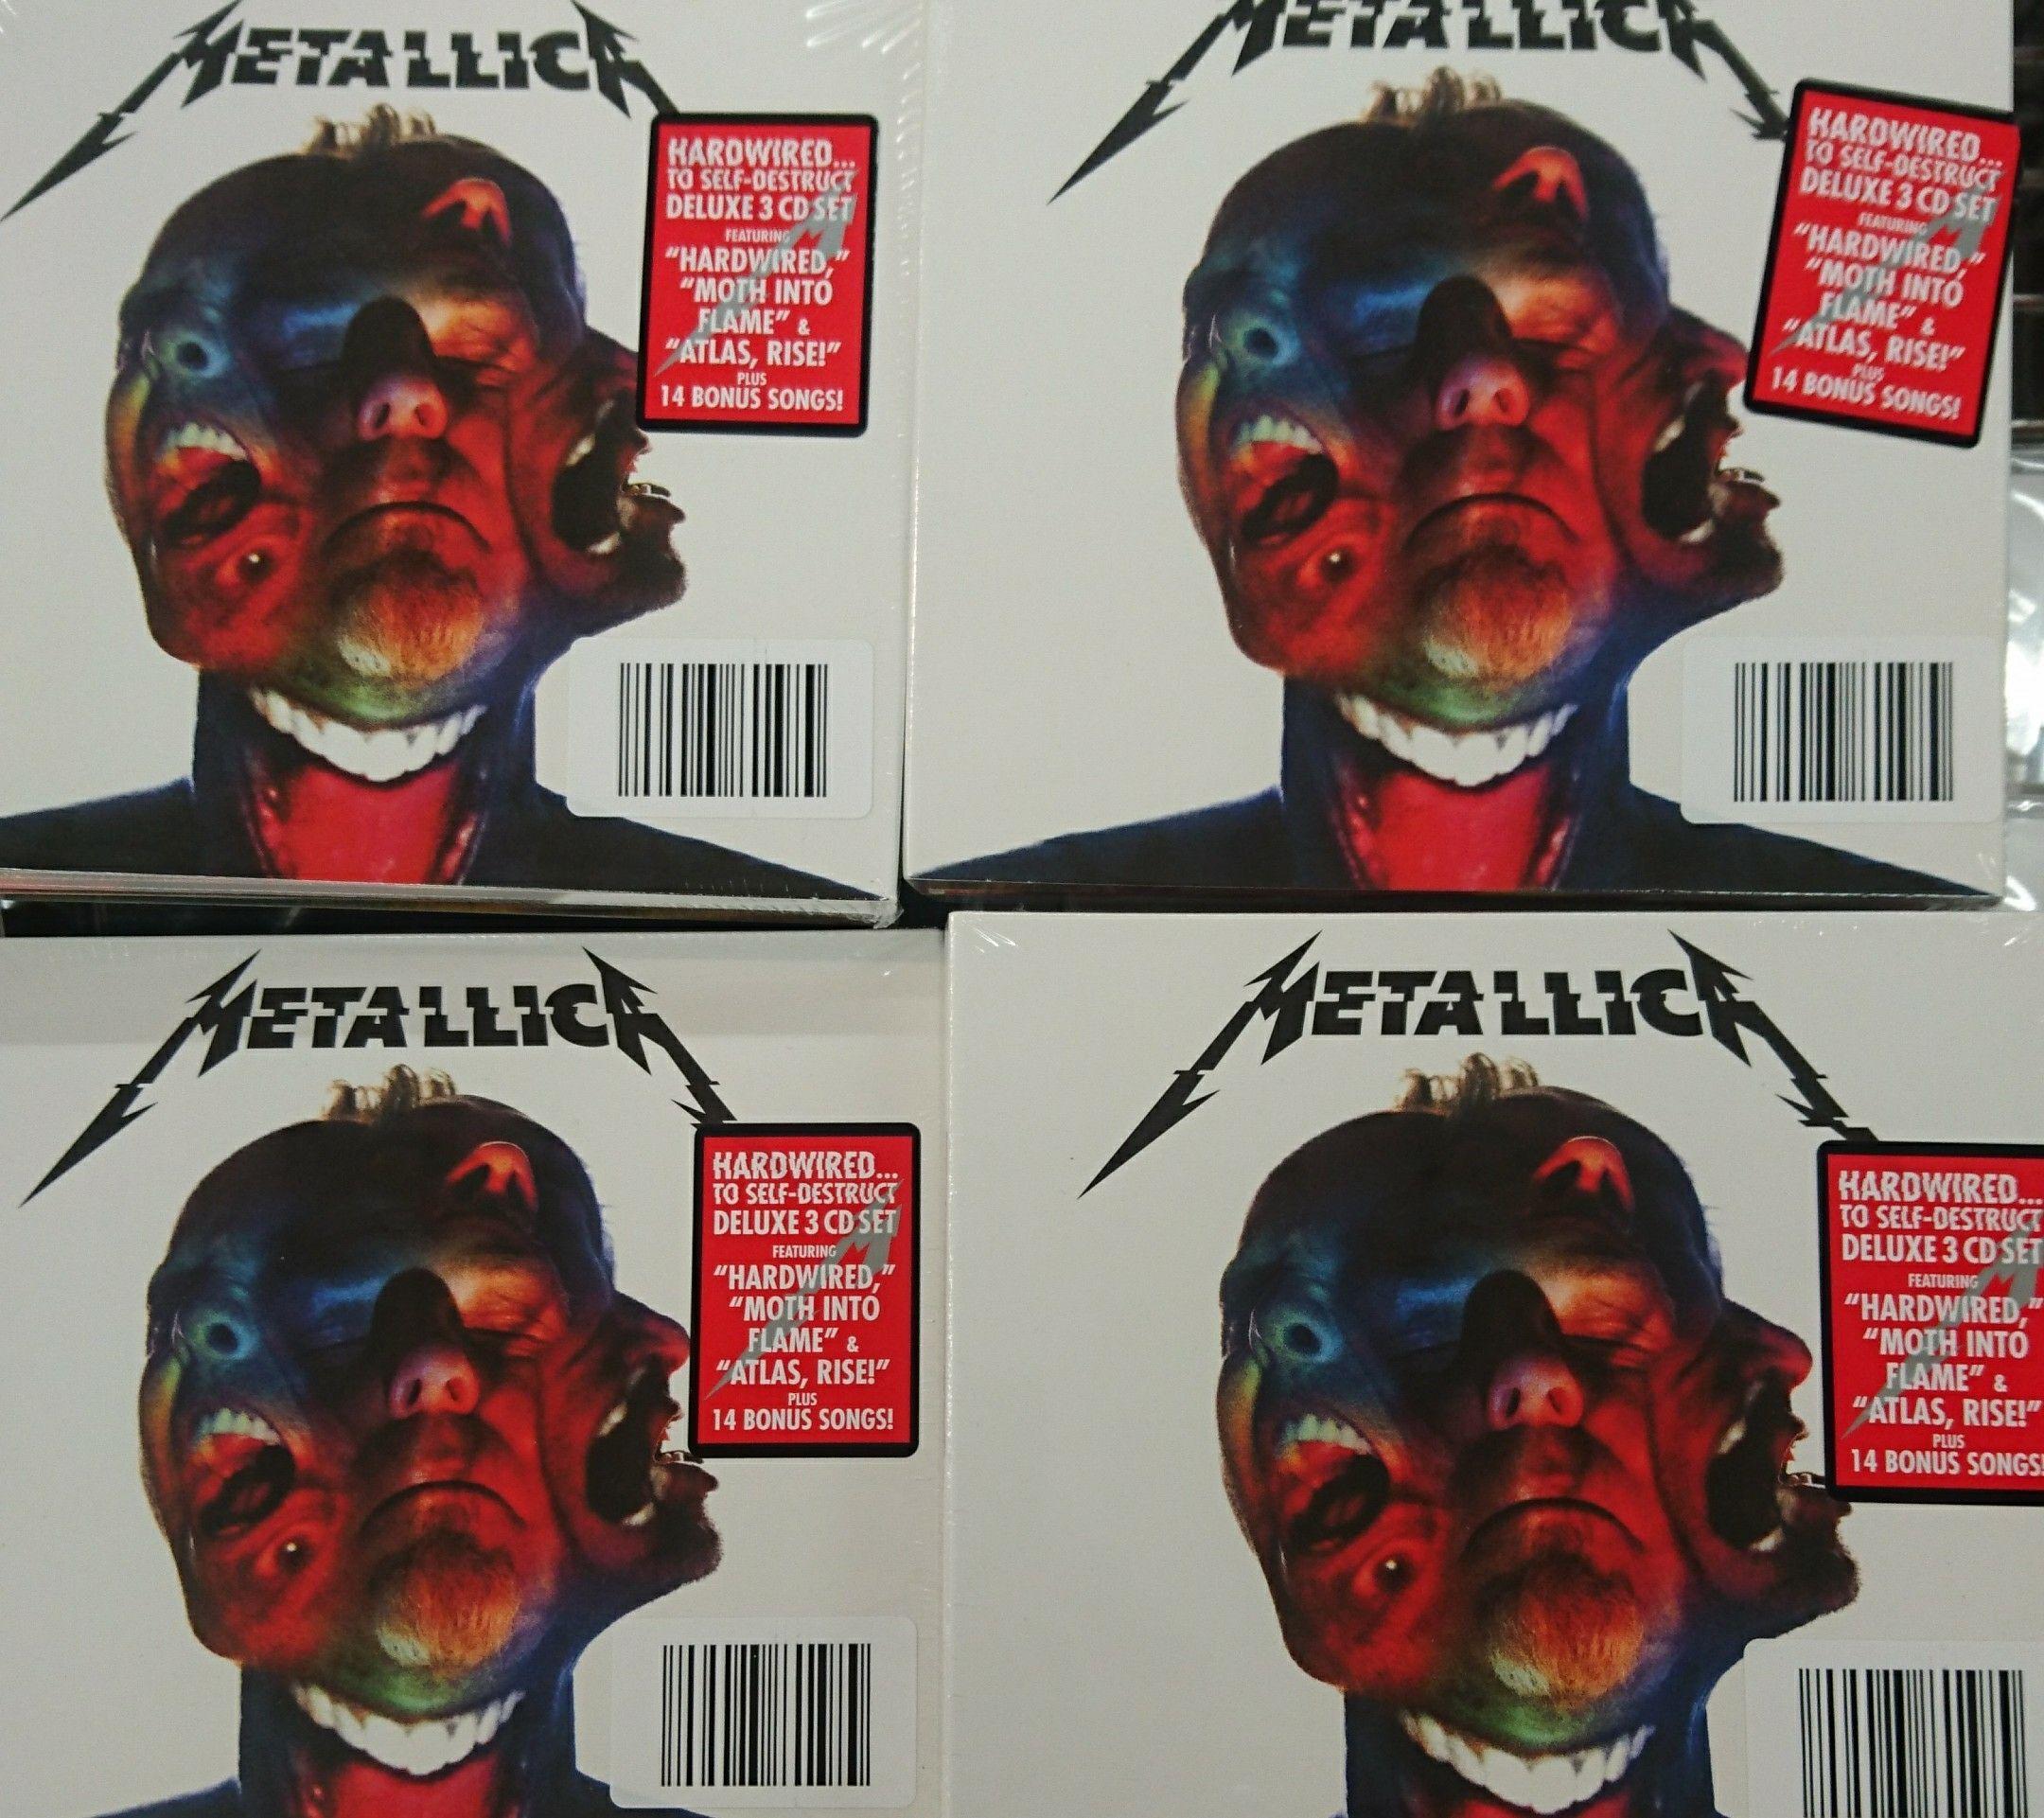 Metallica - Hardwired... to self-destruct 3-CD-Set im Aldi Nord für 7,99€